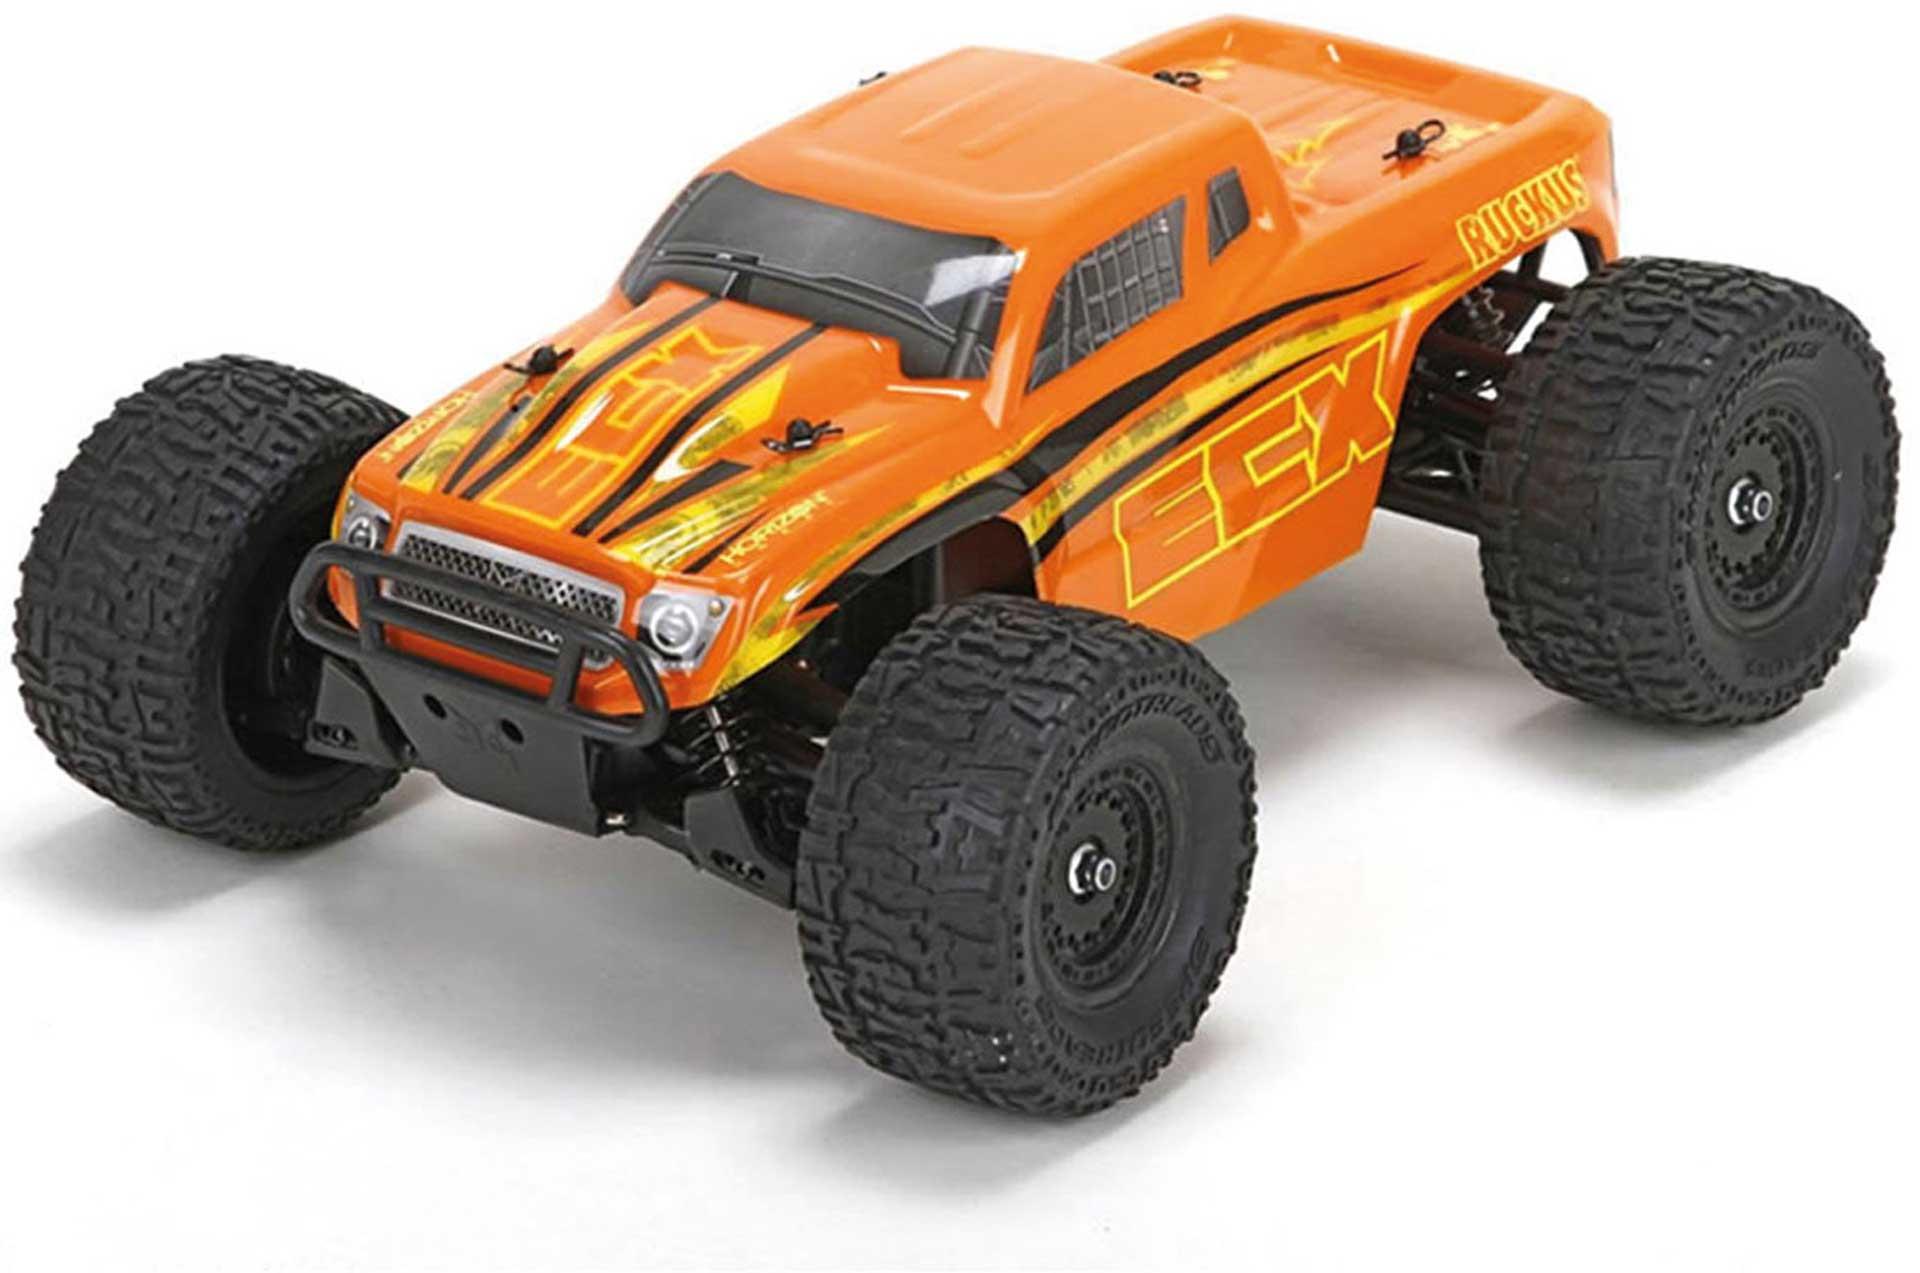 ECX RUCKUS 1/18TH 4WD MONSTER TRUCK ORANGE GELB RTR